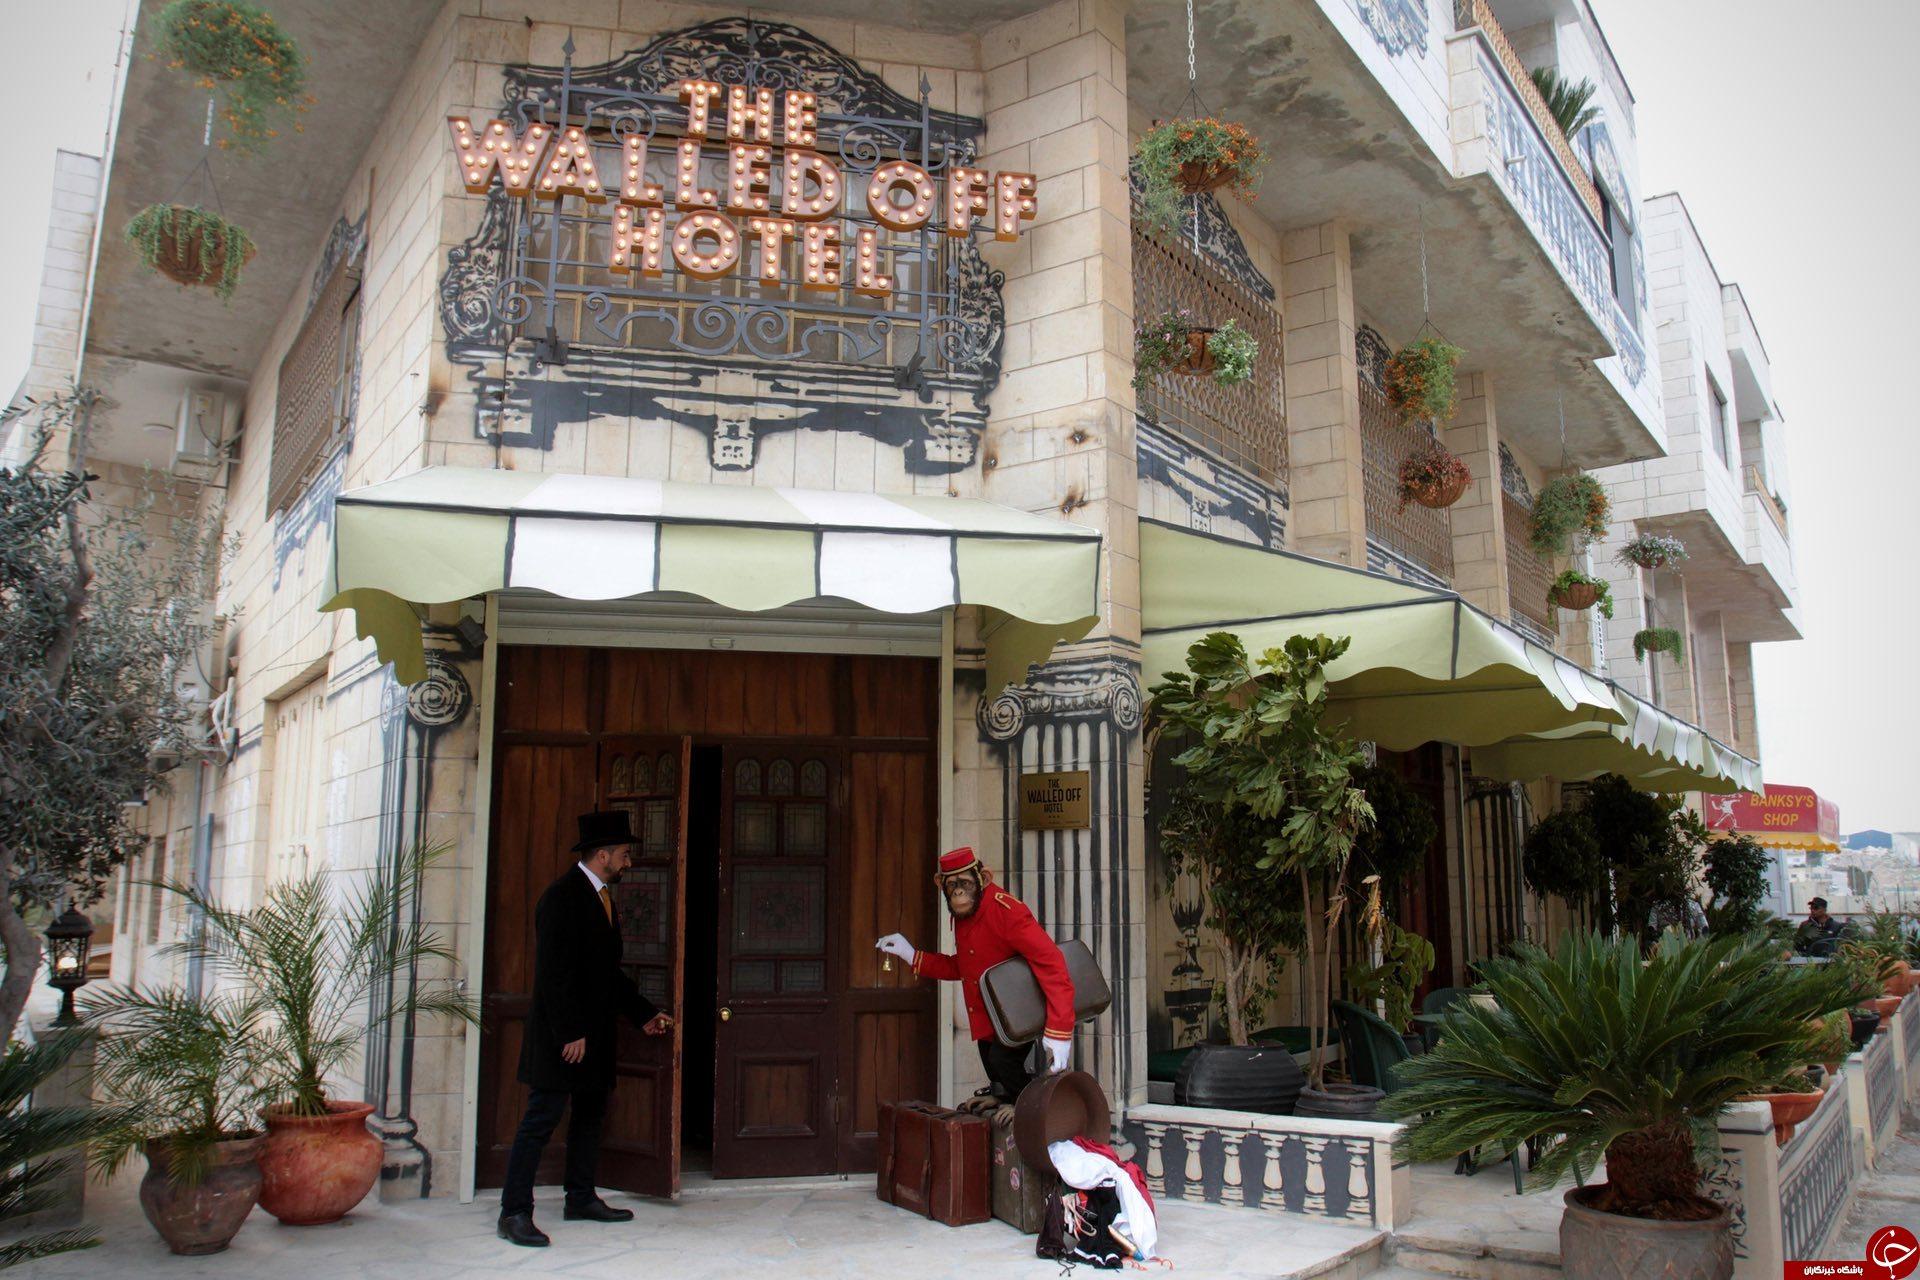 افتتاح هتلی با بدترین چشمانداز در جهان در مجاورت دیوار حائل صهیونیستها+ تصاویر